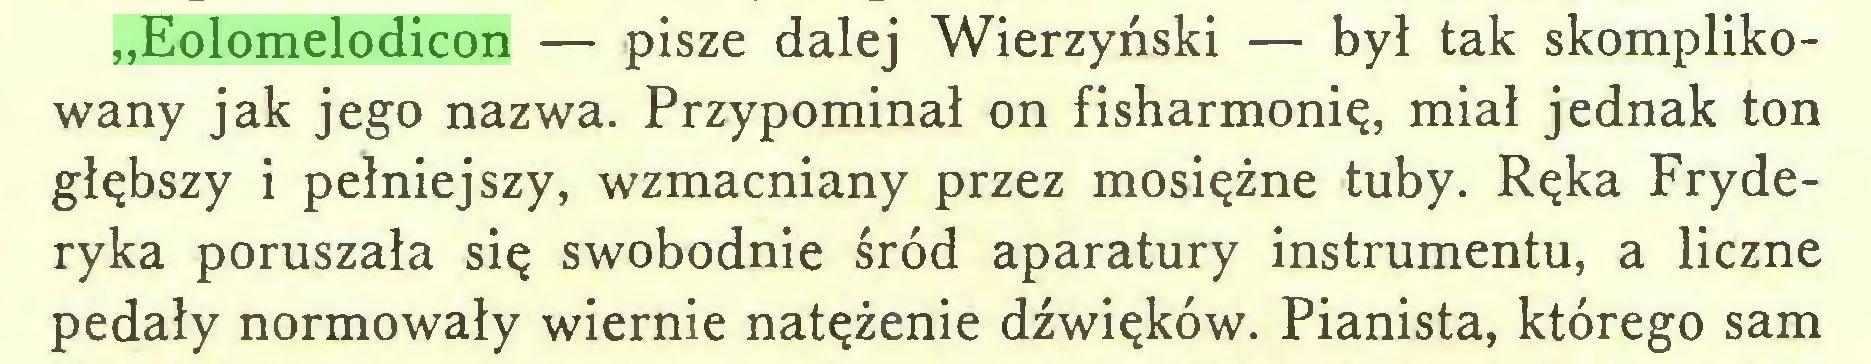 """(...) """"Eolomelodicon — pisze dalej Wierzyński — był tak skomplikowany jak jego nazwa. Przypominał on fisharmonię, miał jednak ton głębszy i pełniejszy, wzmacniany przez mosiężne tuby. Ręka Fryderyka poruszała się swobodnie śród aparatury instrumentu, a liczne pedały normowały wiernie natężenie dźwięków. Pianista, którego sam..."""